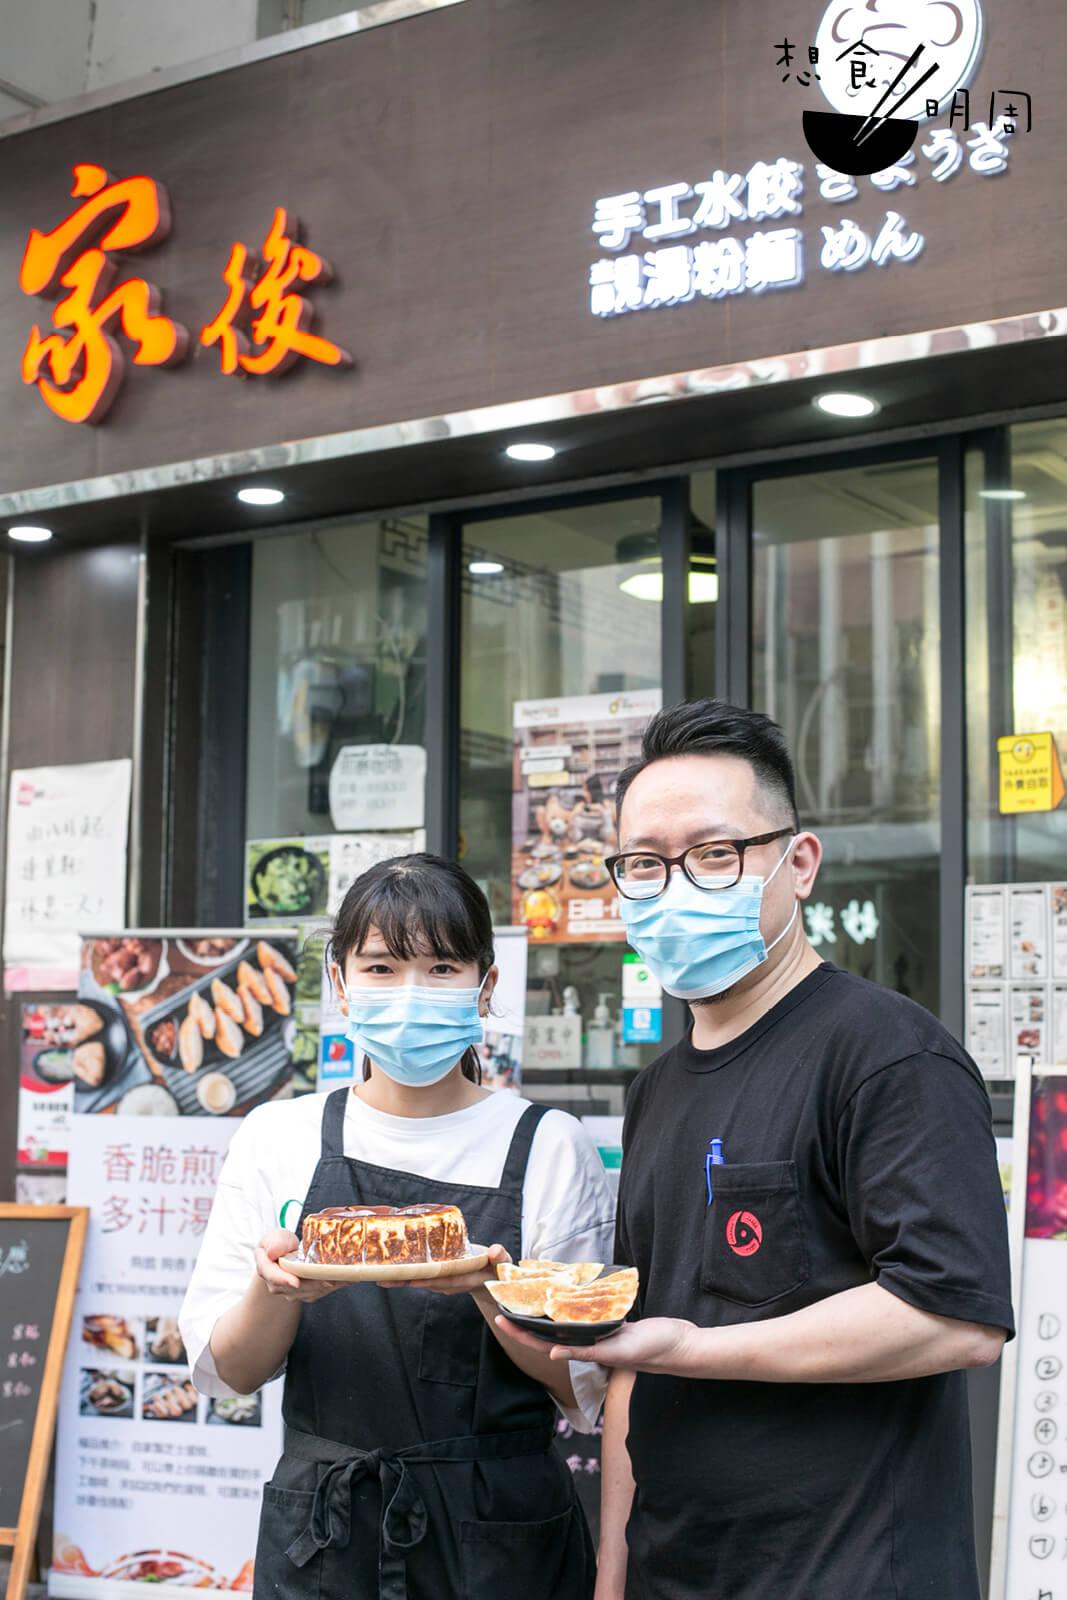 一家人拍着上,好好經營一家小店,也是一種甜蜜。